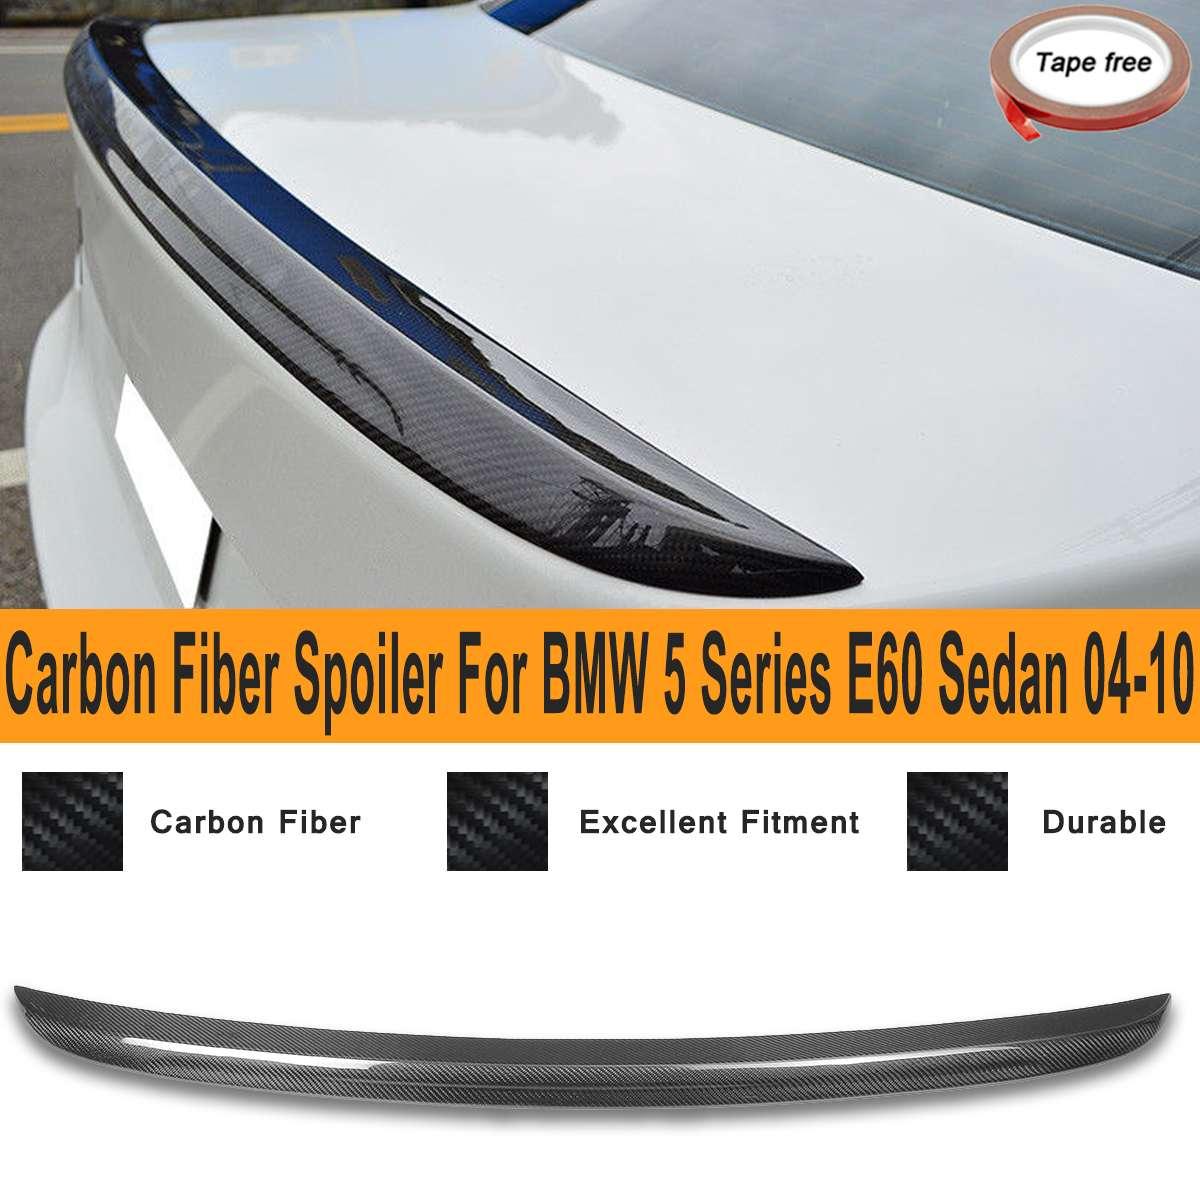 Réel Carbone fibre Arrière Tronc Spoiler Aile pour BMW 5 Série E60 Berline M5 Style 2004-2010 Extérieur pièces de rechange